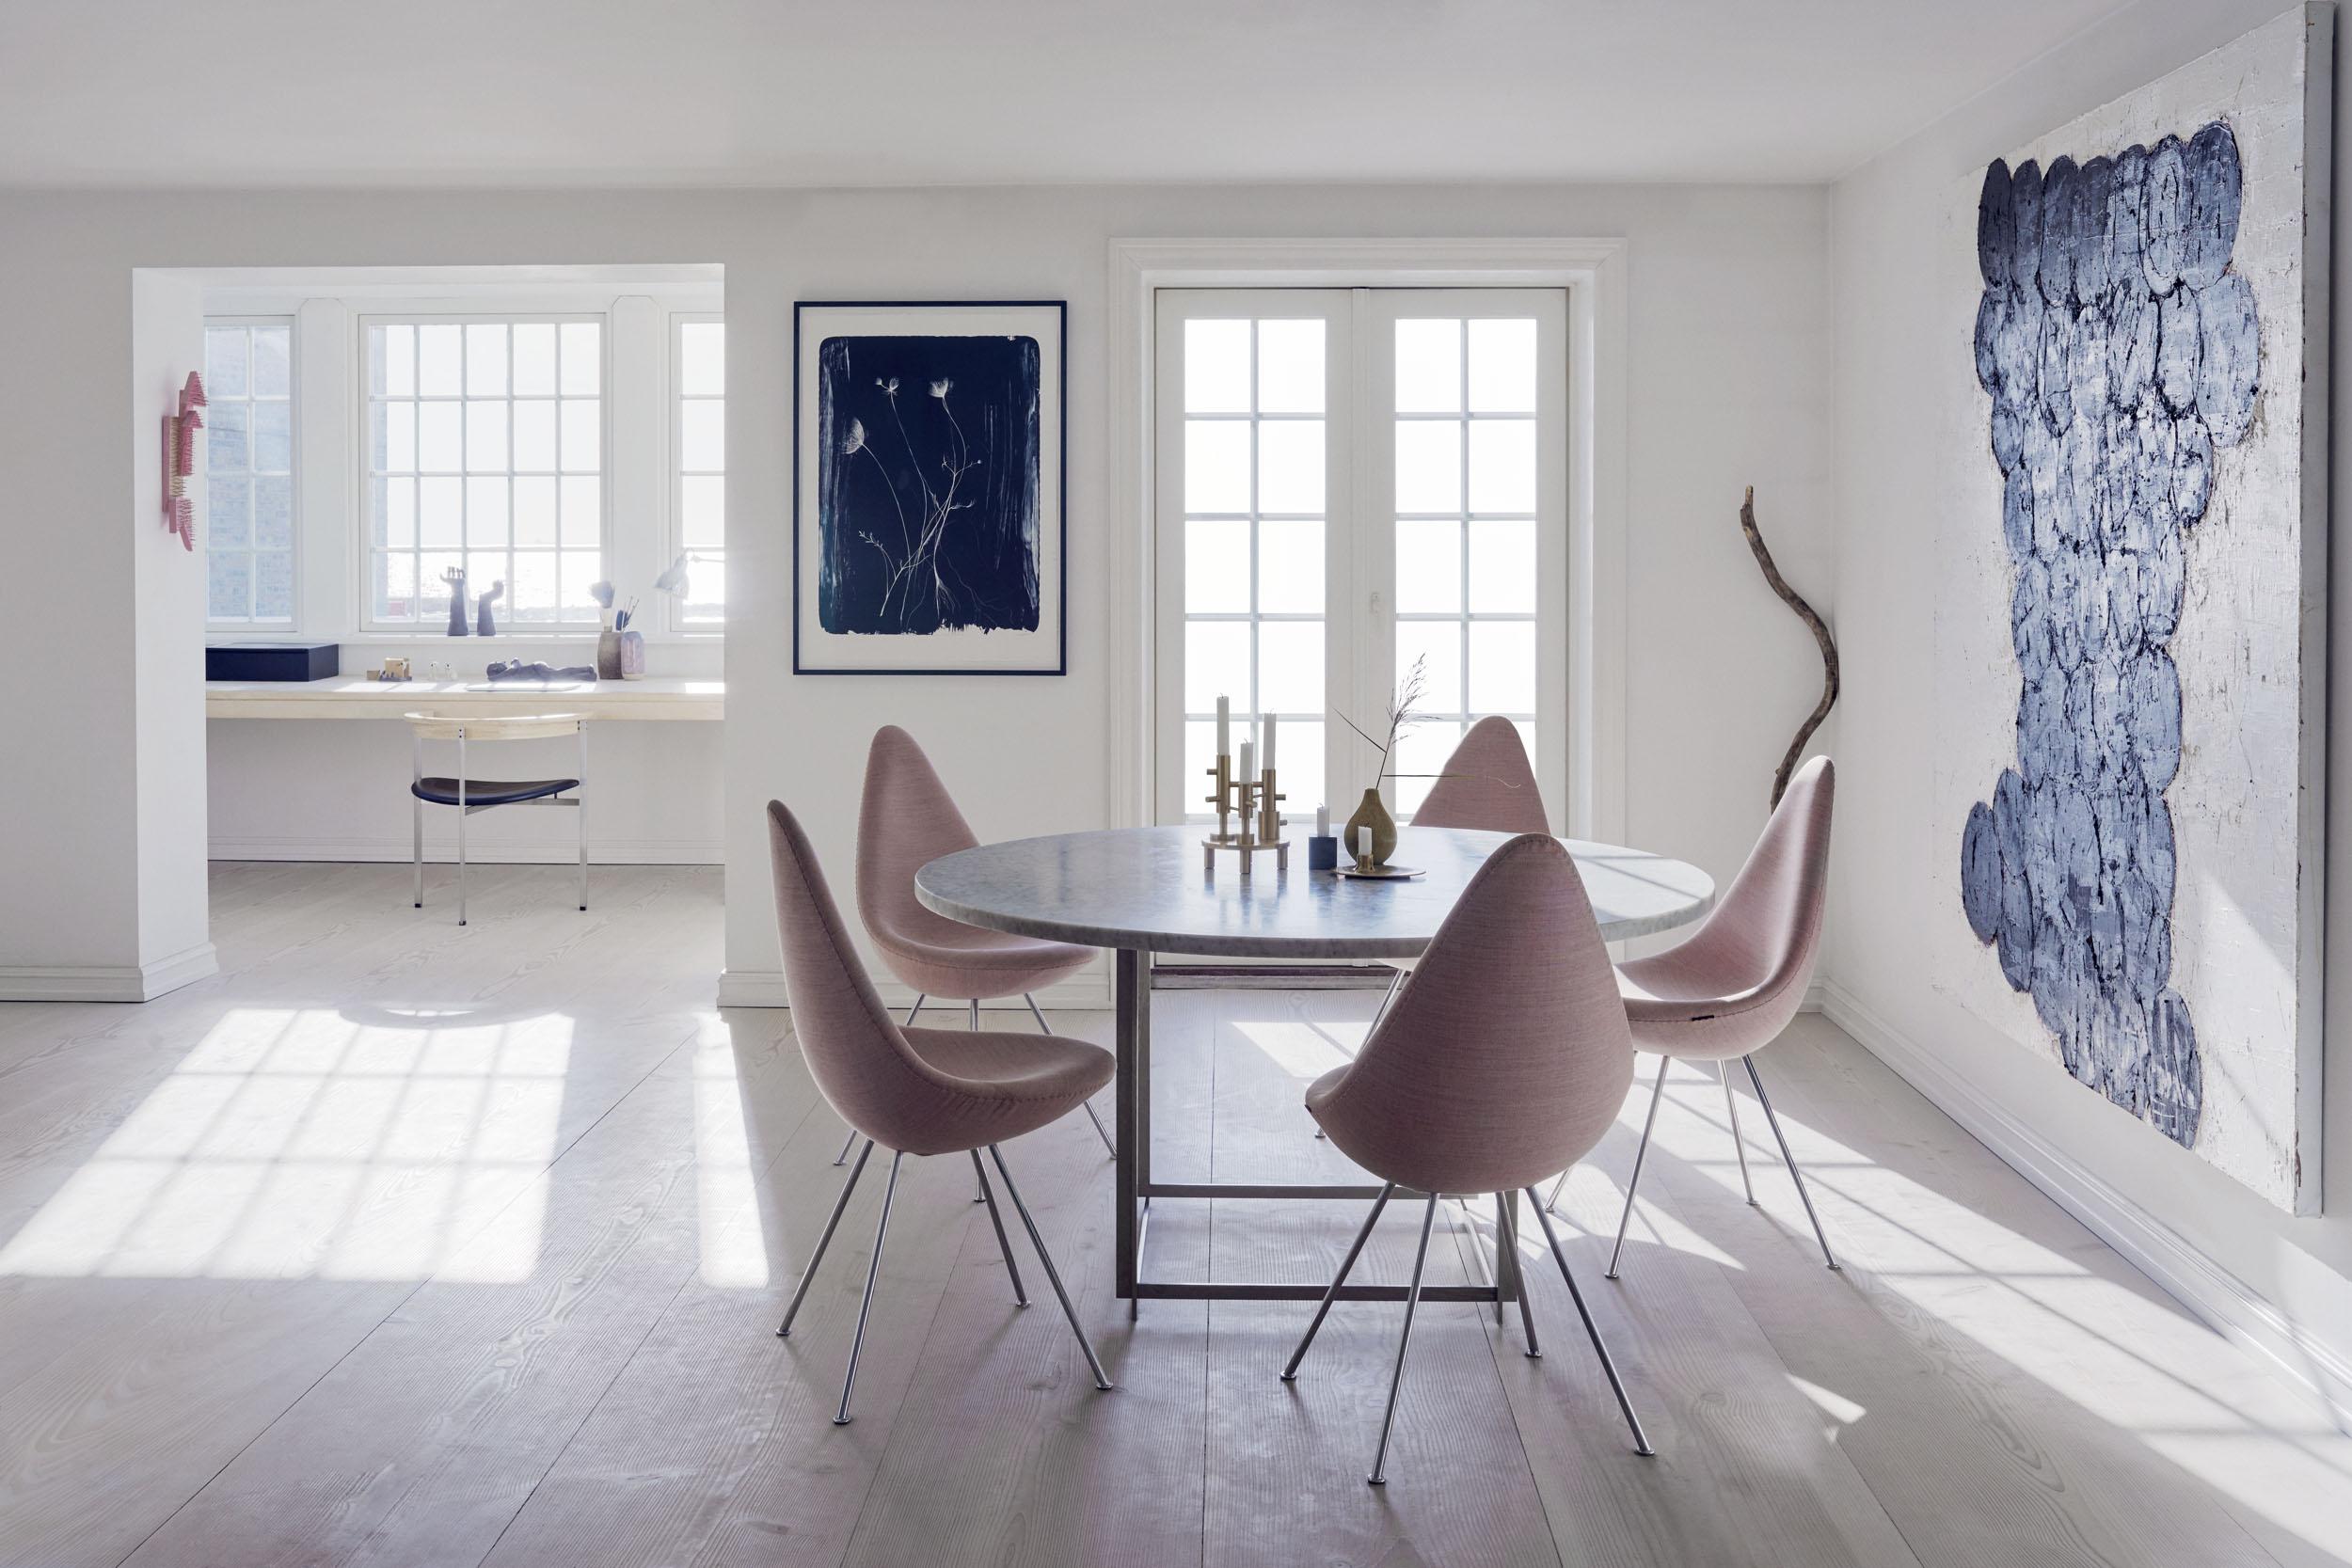 Villa fronte mare in danimarca living corriere for Hopper finestra sul mare